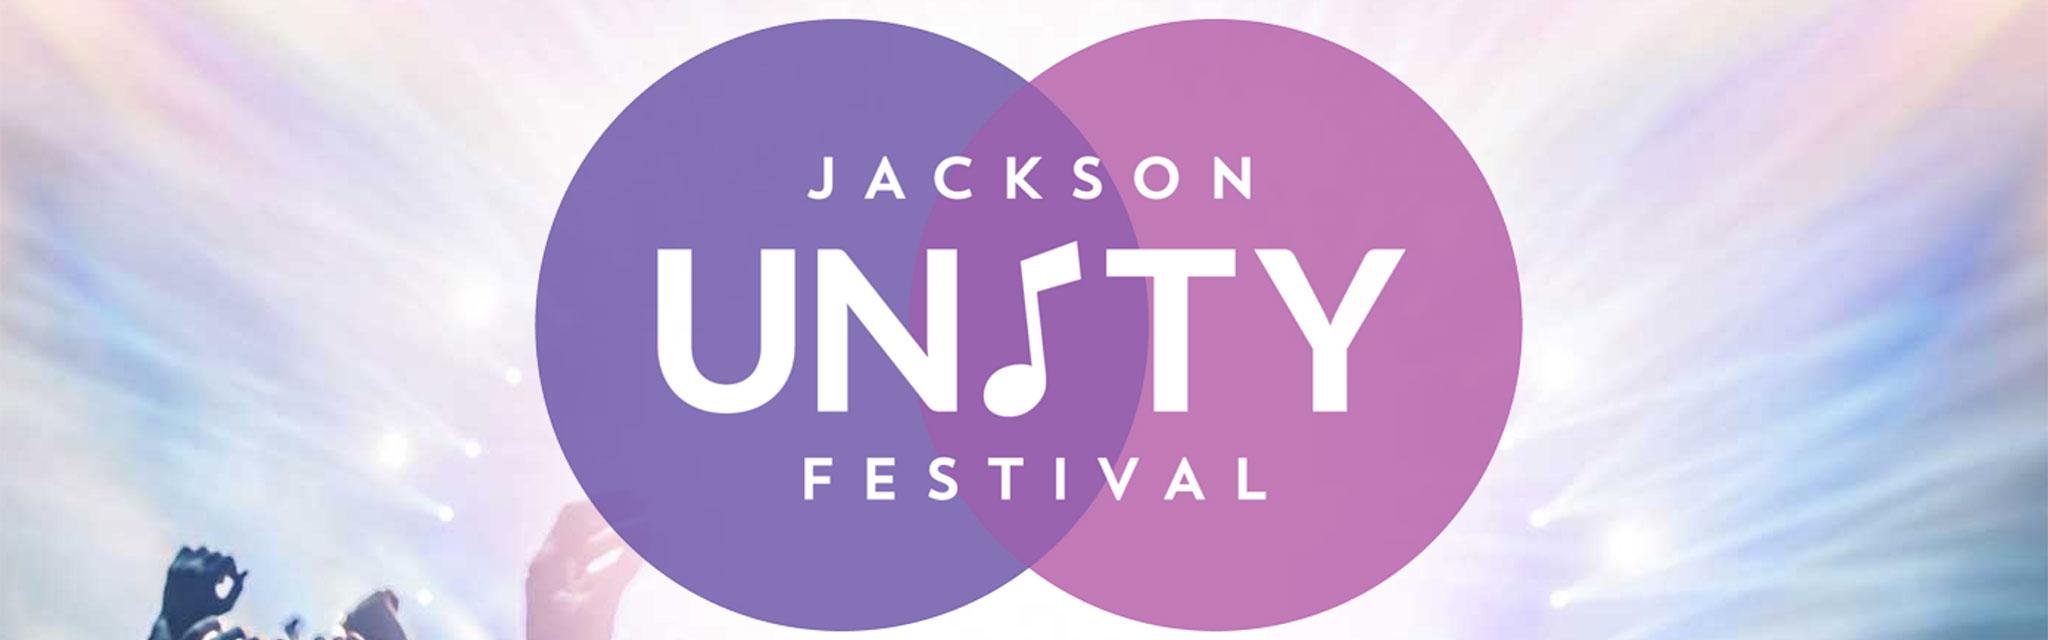 jso-jackson-unity-fest